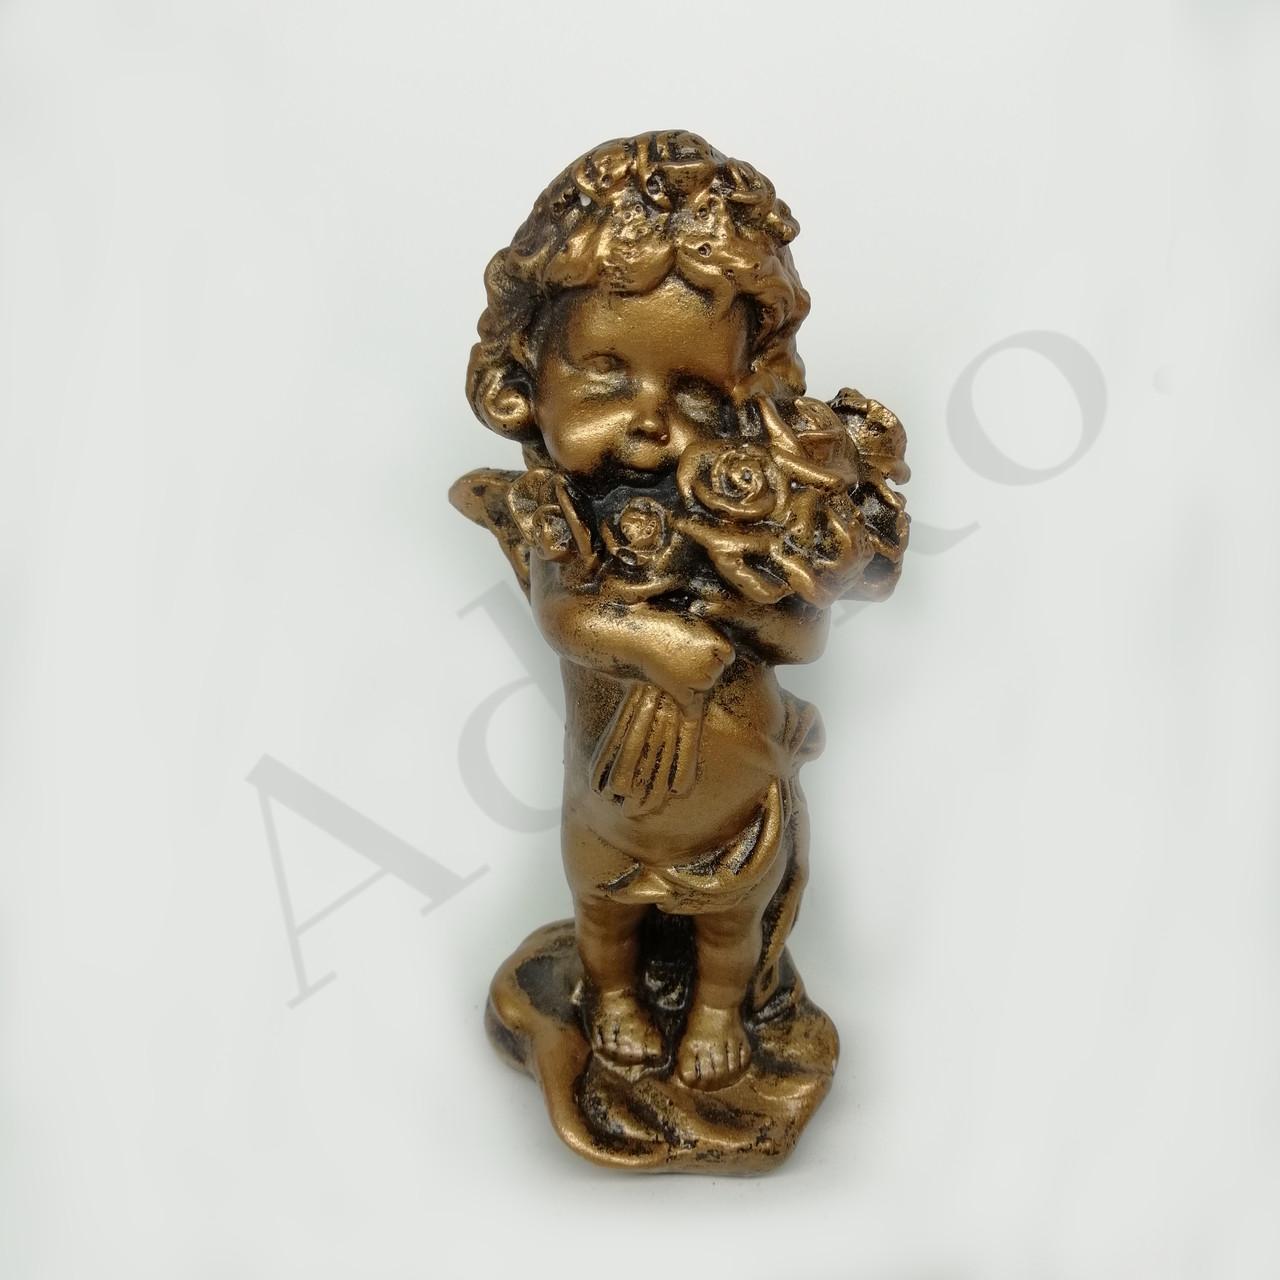 Декоративна фігурка Янгол з трояндами 13 см